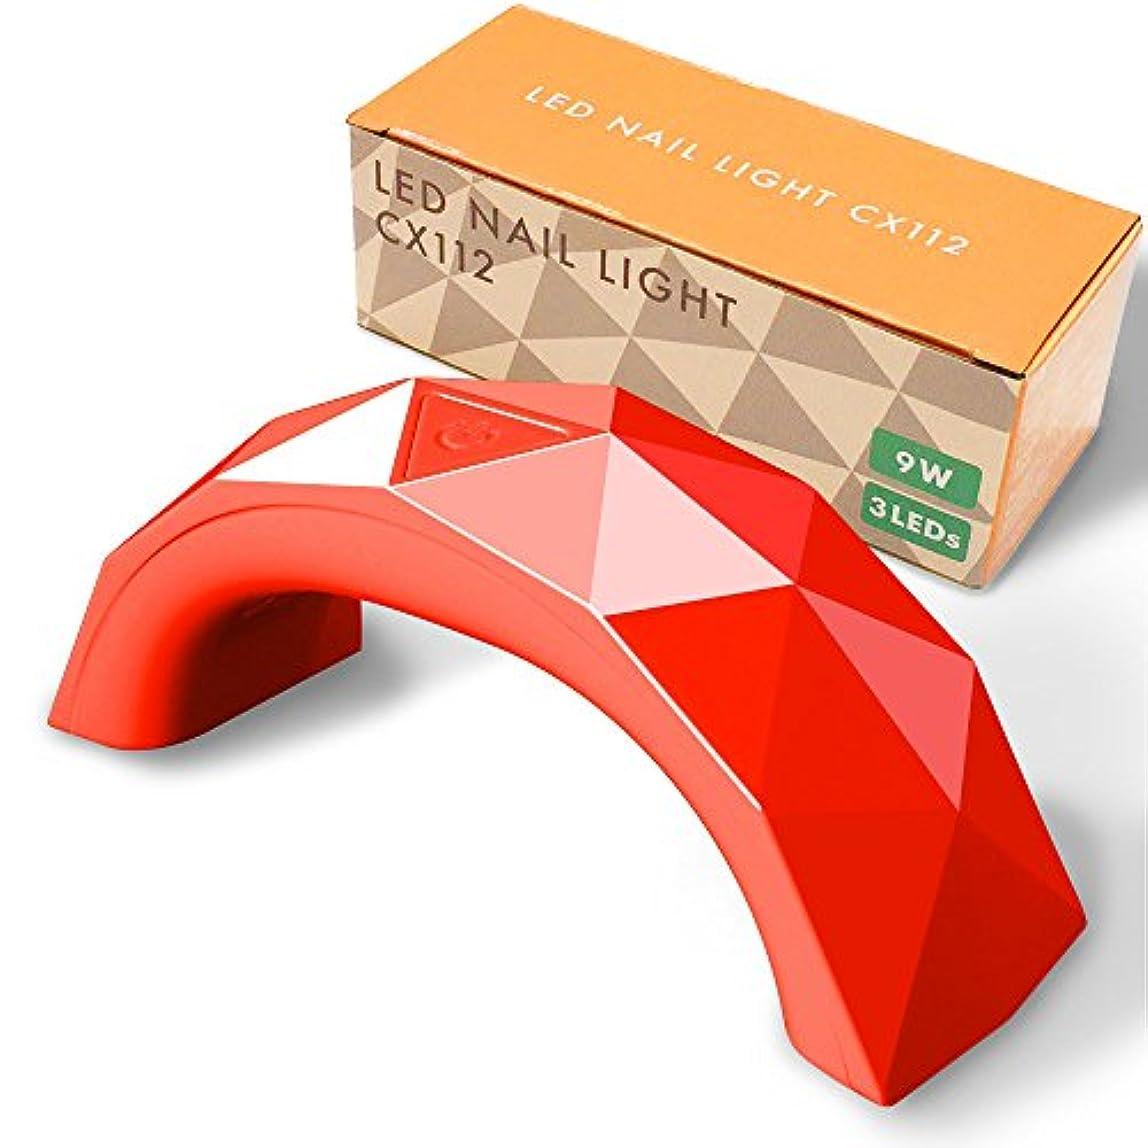 極小起業家超えて【Centrex】【CX112】ジェルネイル LEDライト 9W 硬化用ライト タイマー付き ハイパワーチップ式LED球 USB式 (レッド)